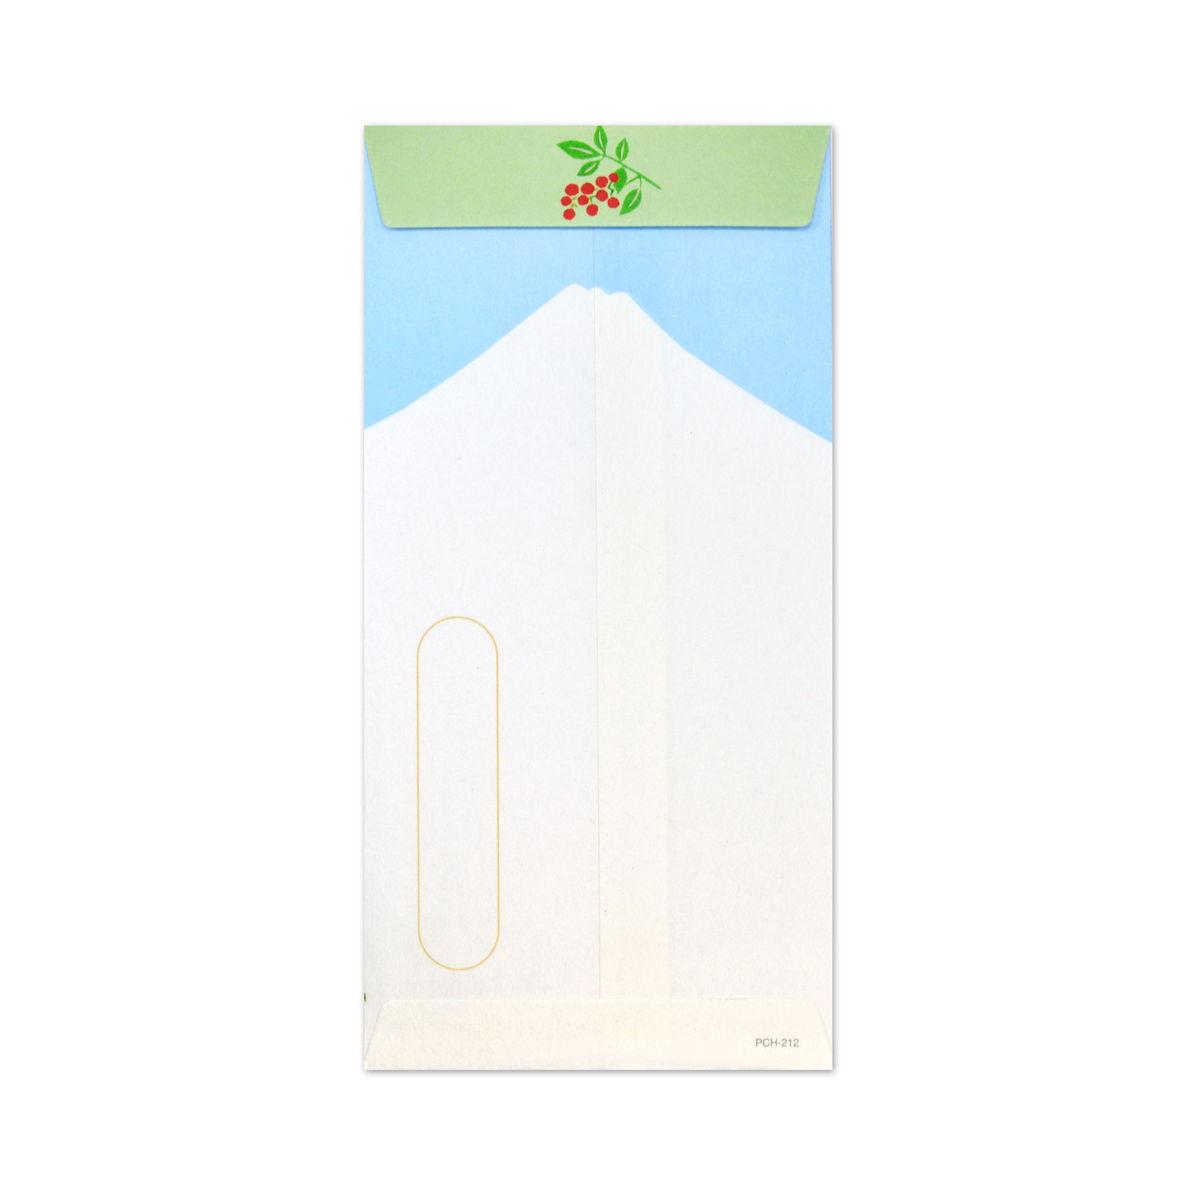 ポチ袋 お年玉 富士山山頂 ロング|pch-212